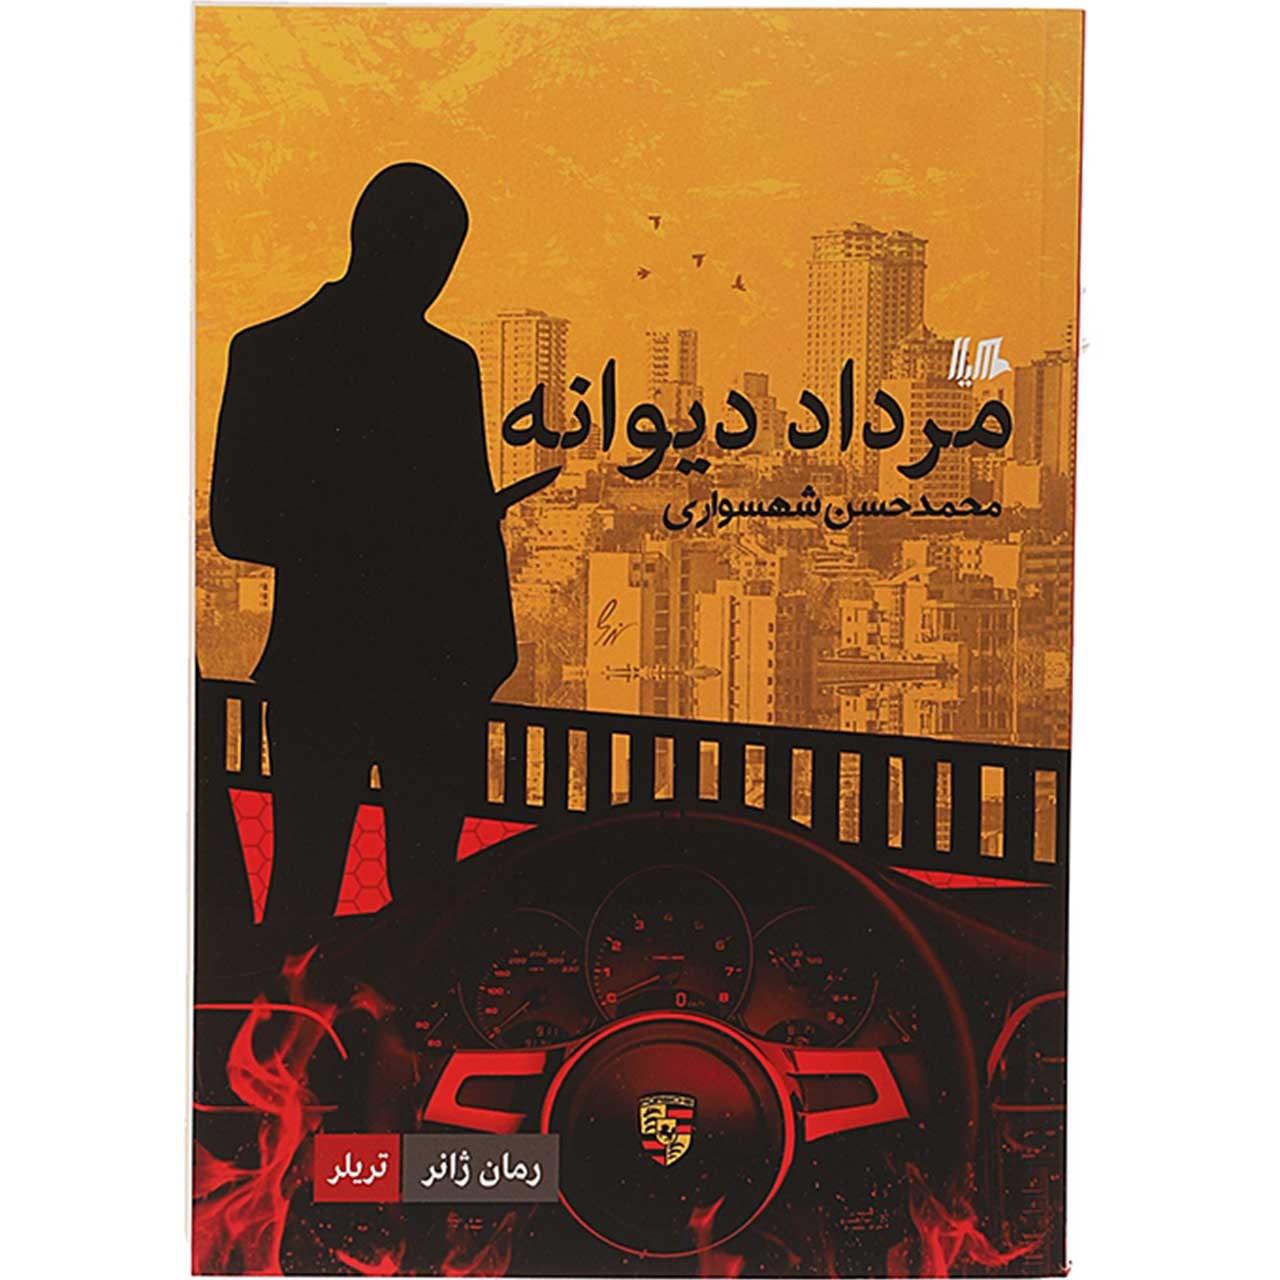 کتاب مرداد دیوانه اثر محمد حسن شهسواری